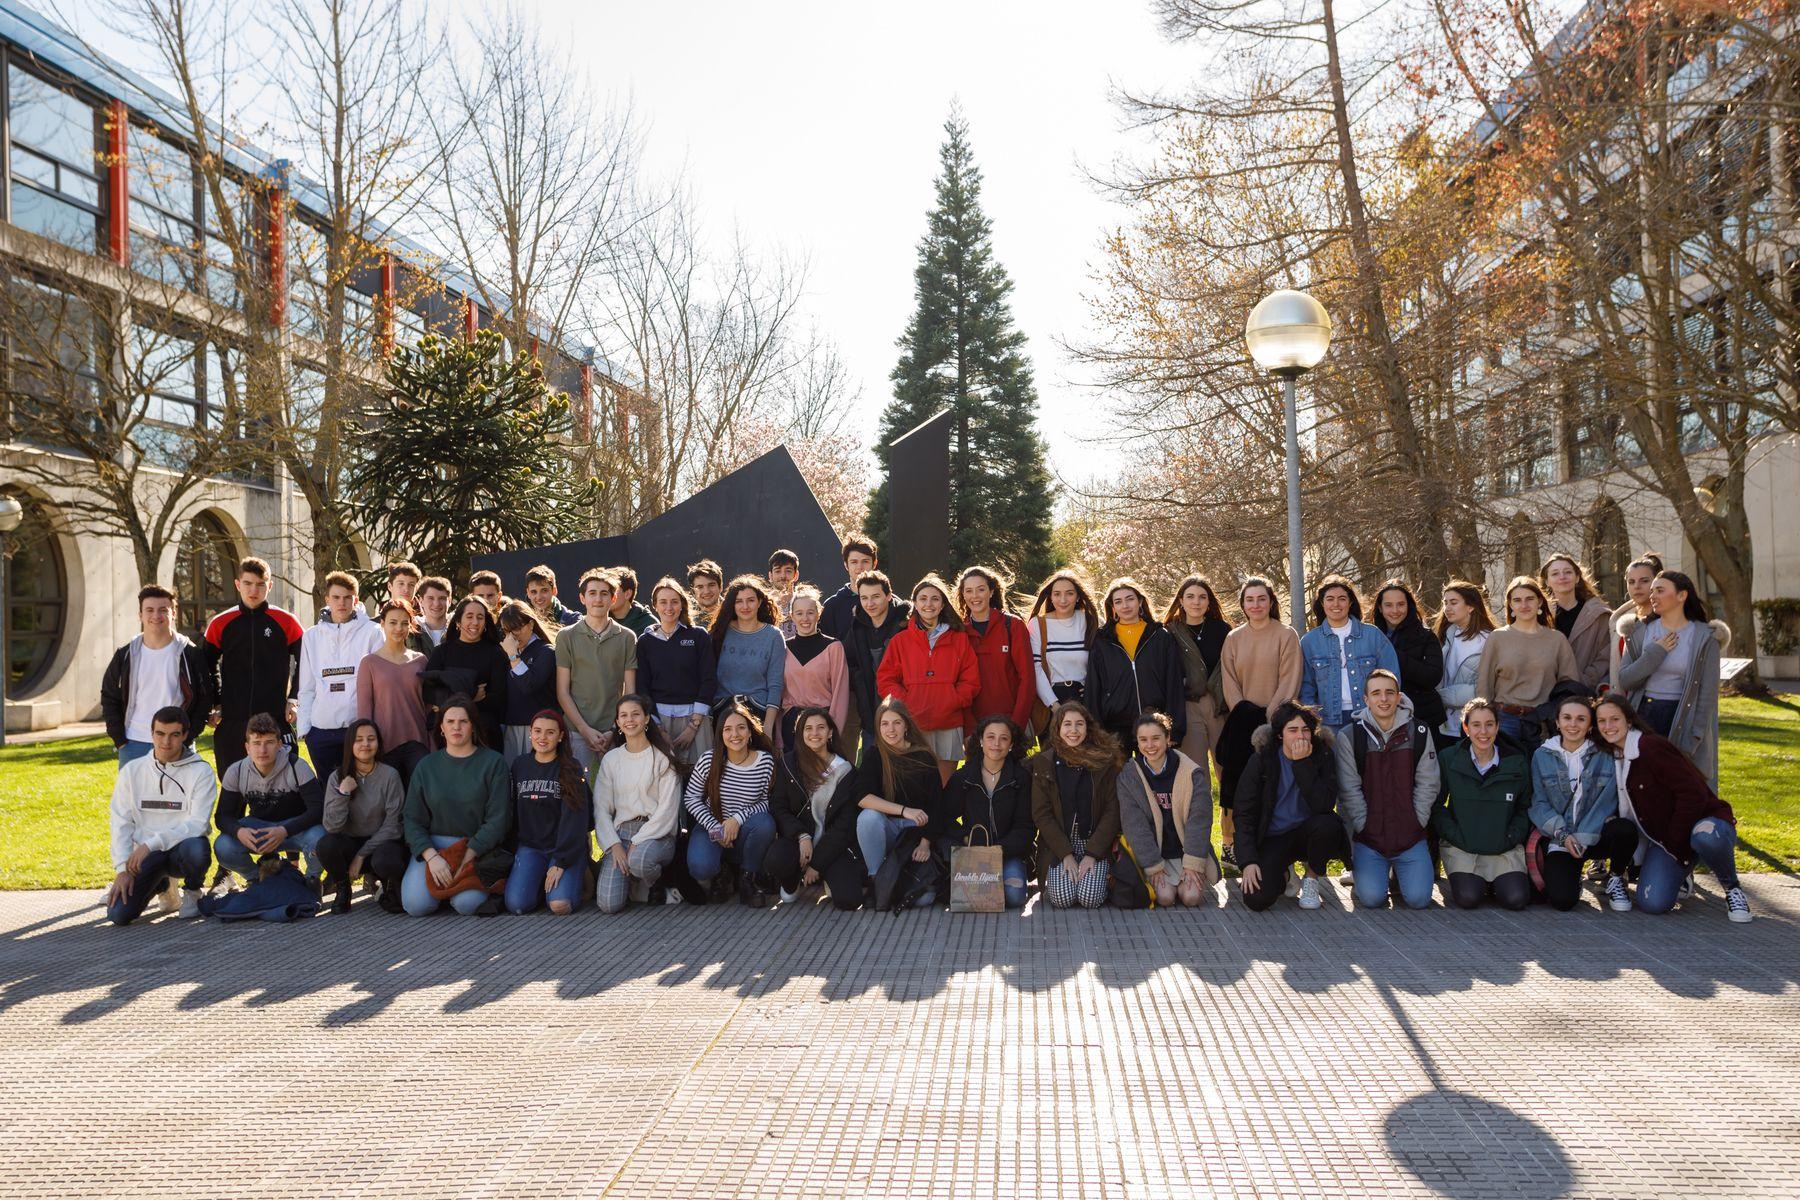 Estudiantes del Liceo Monjardín de Pamplona posan durante su visita al campus de Arrosadia de la UPNA.